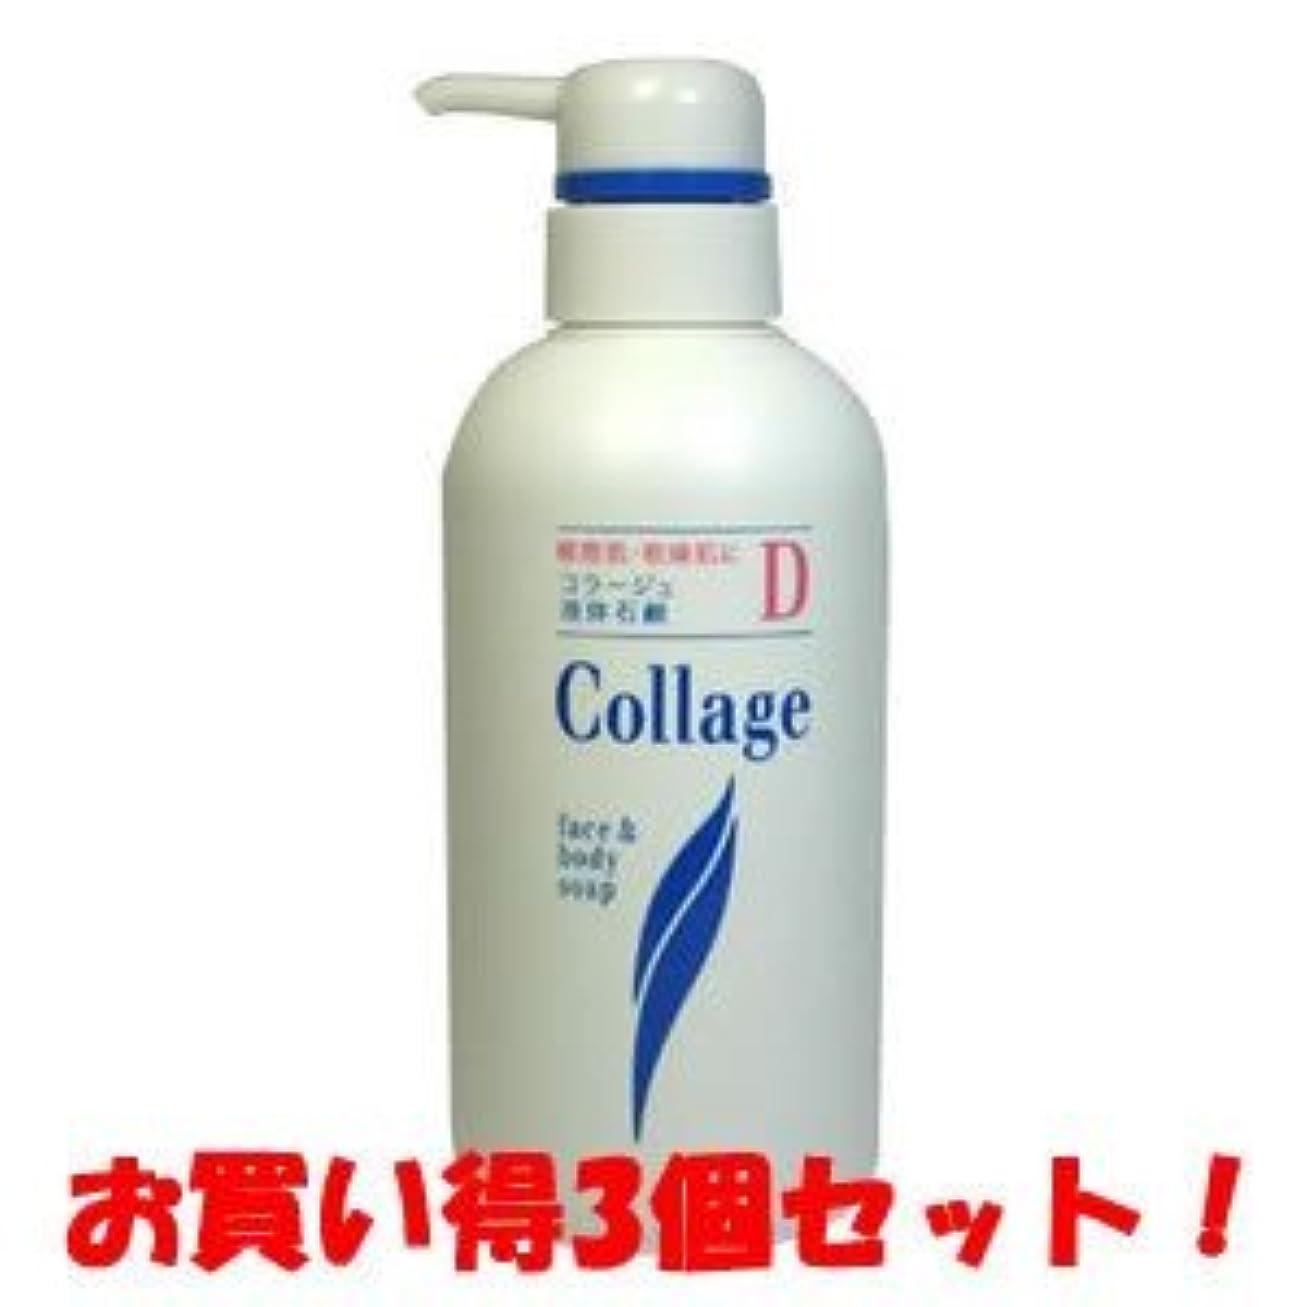 保守可能彼のレイアウト(持田ヘルスケア)コラージュD 液体石鹸 敏感肌?乾燥肌 400ml(お買い得3個セット)